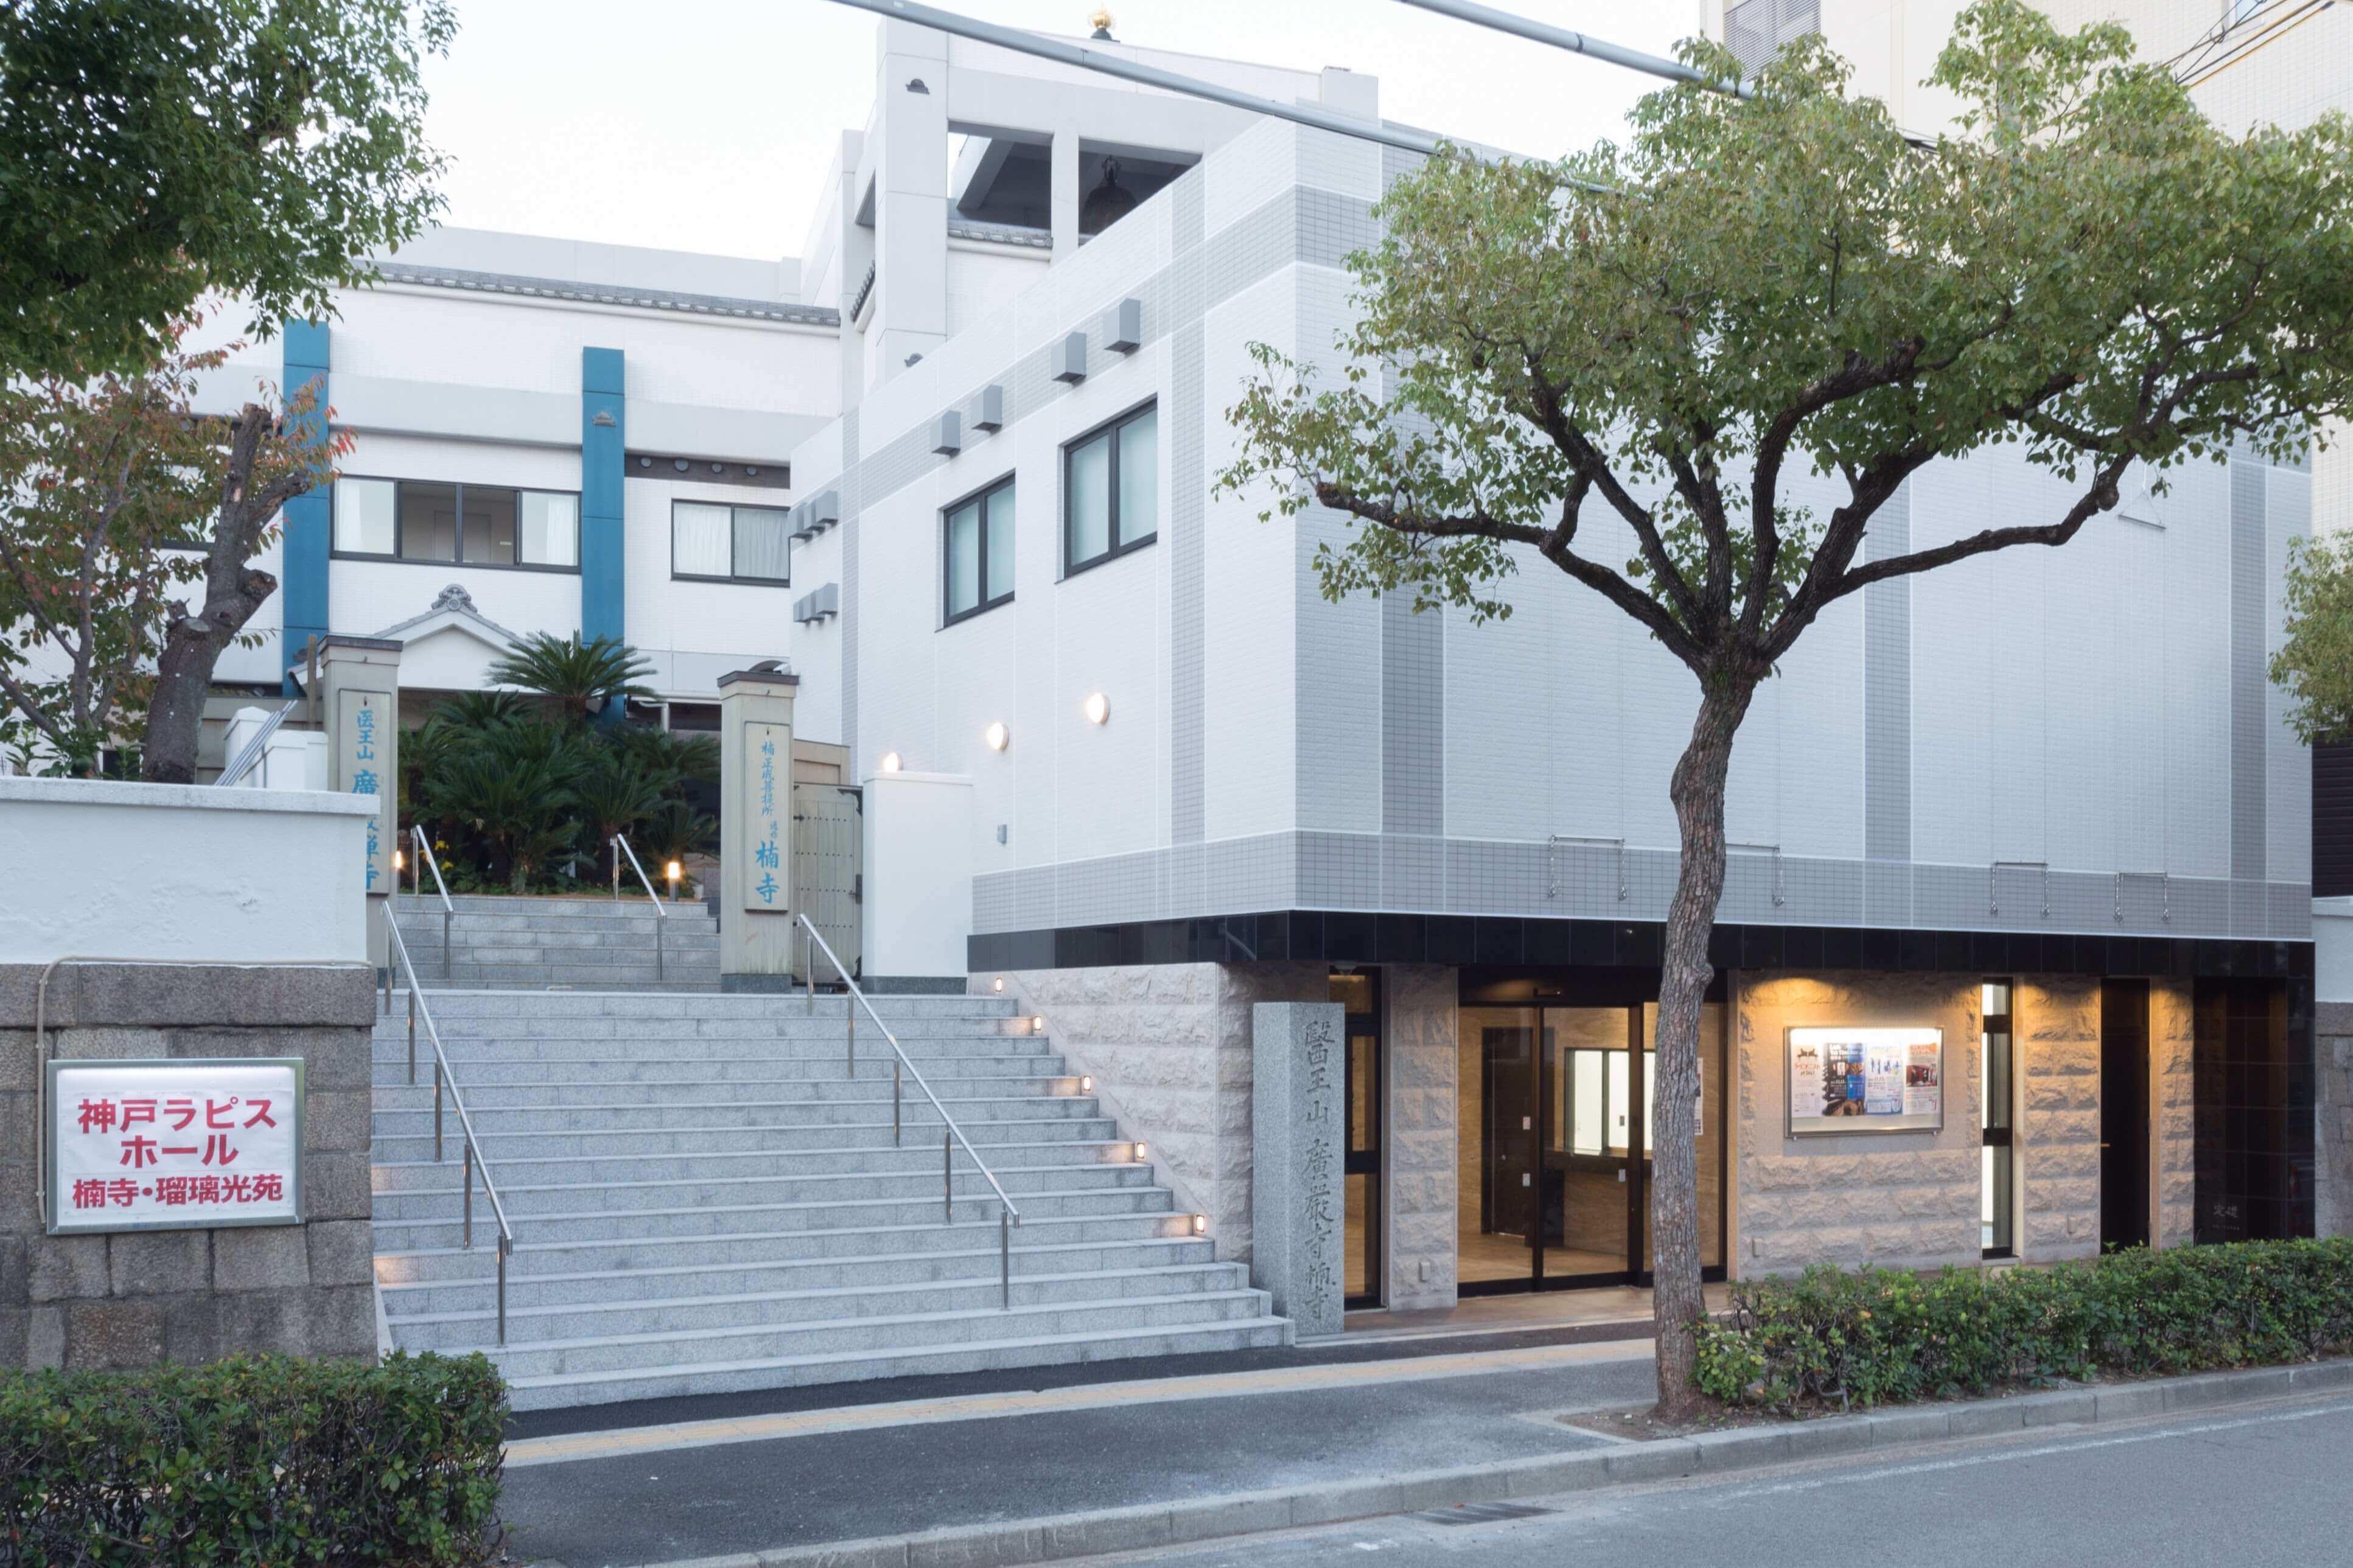 神戸大倉山駅ラズリカフェホール 外観